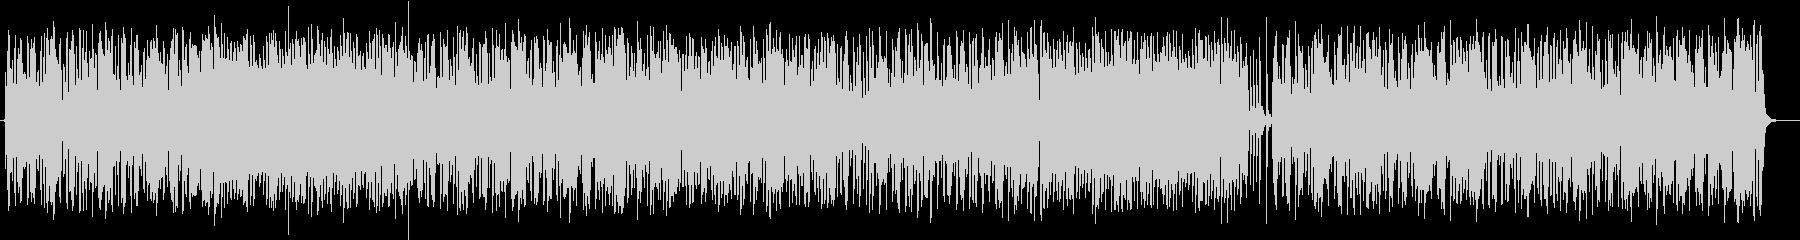 Pop and nimble violin classic's unreproduced waveform